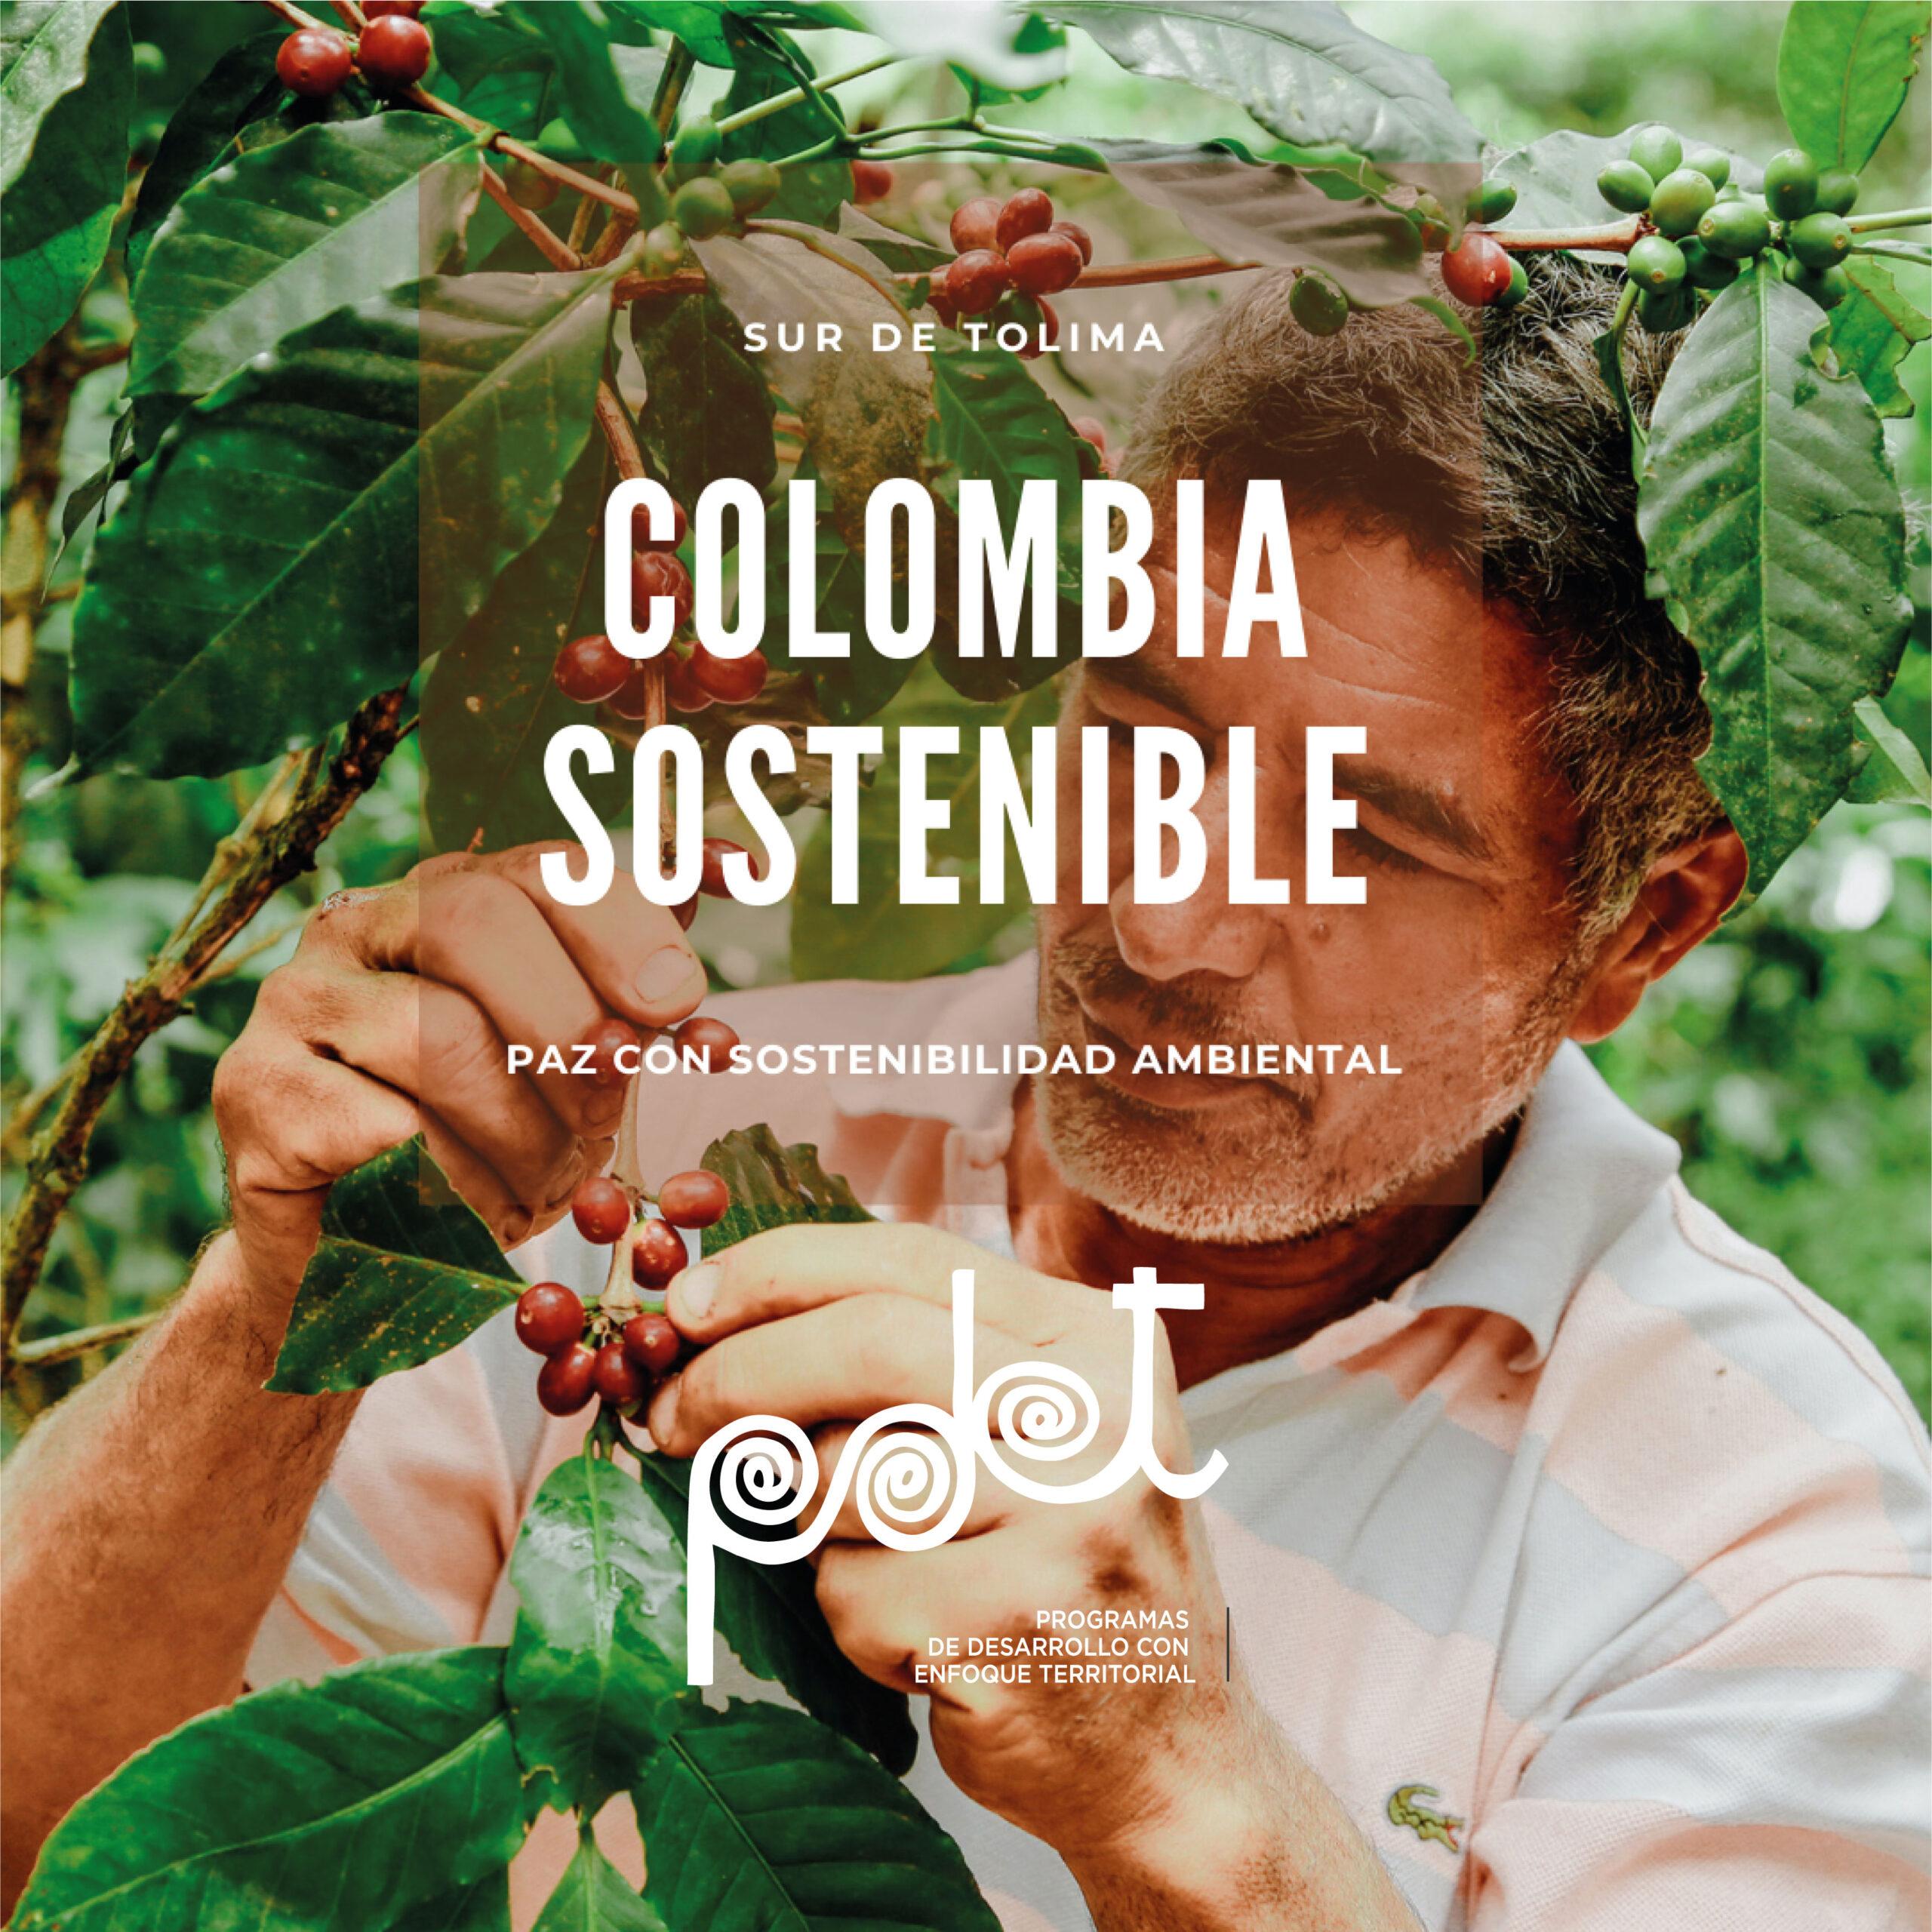 Proyectos por más de $12.000 millones apoya Colombia Sostenible en el Sur del Tolima